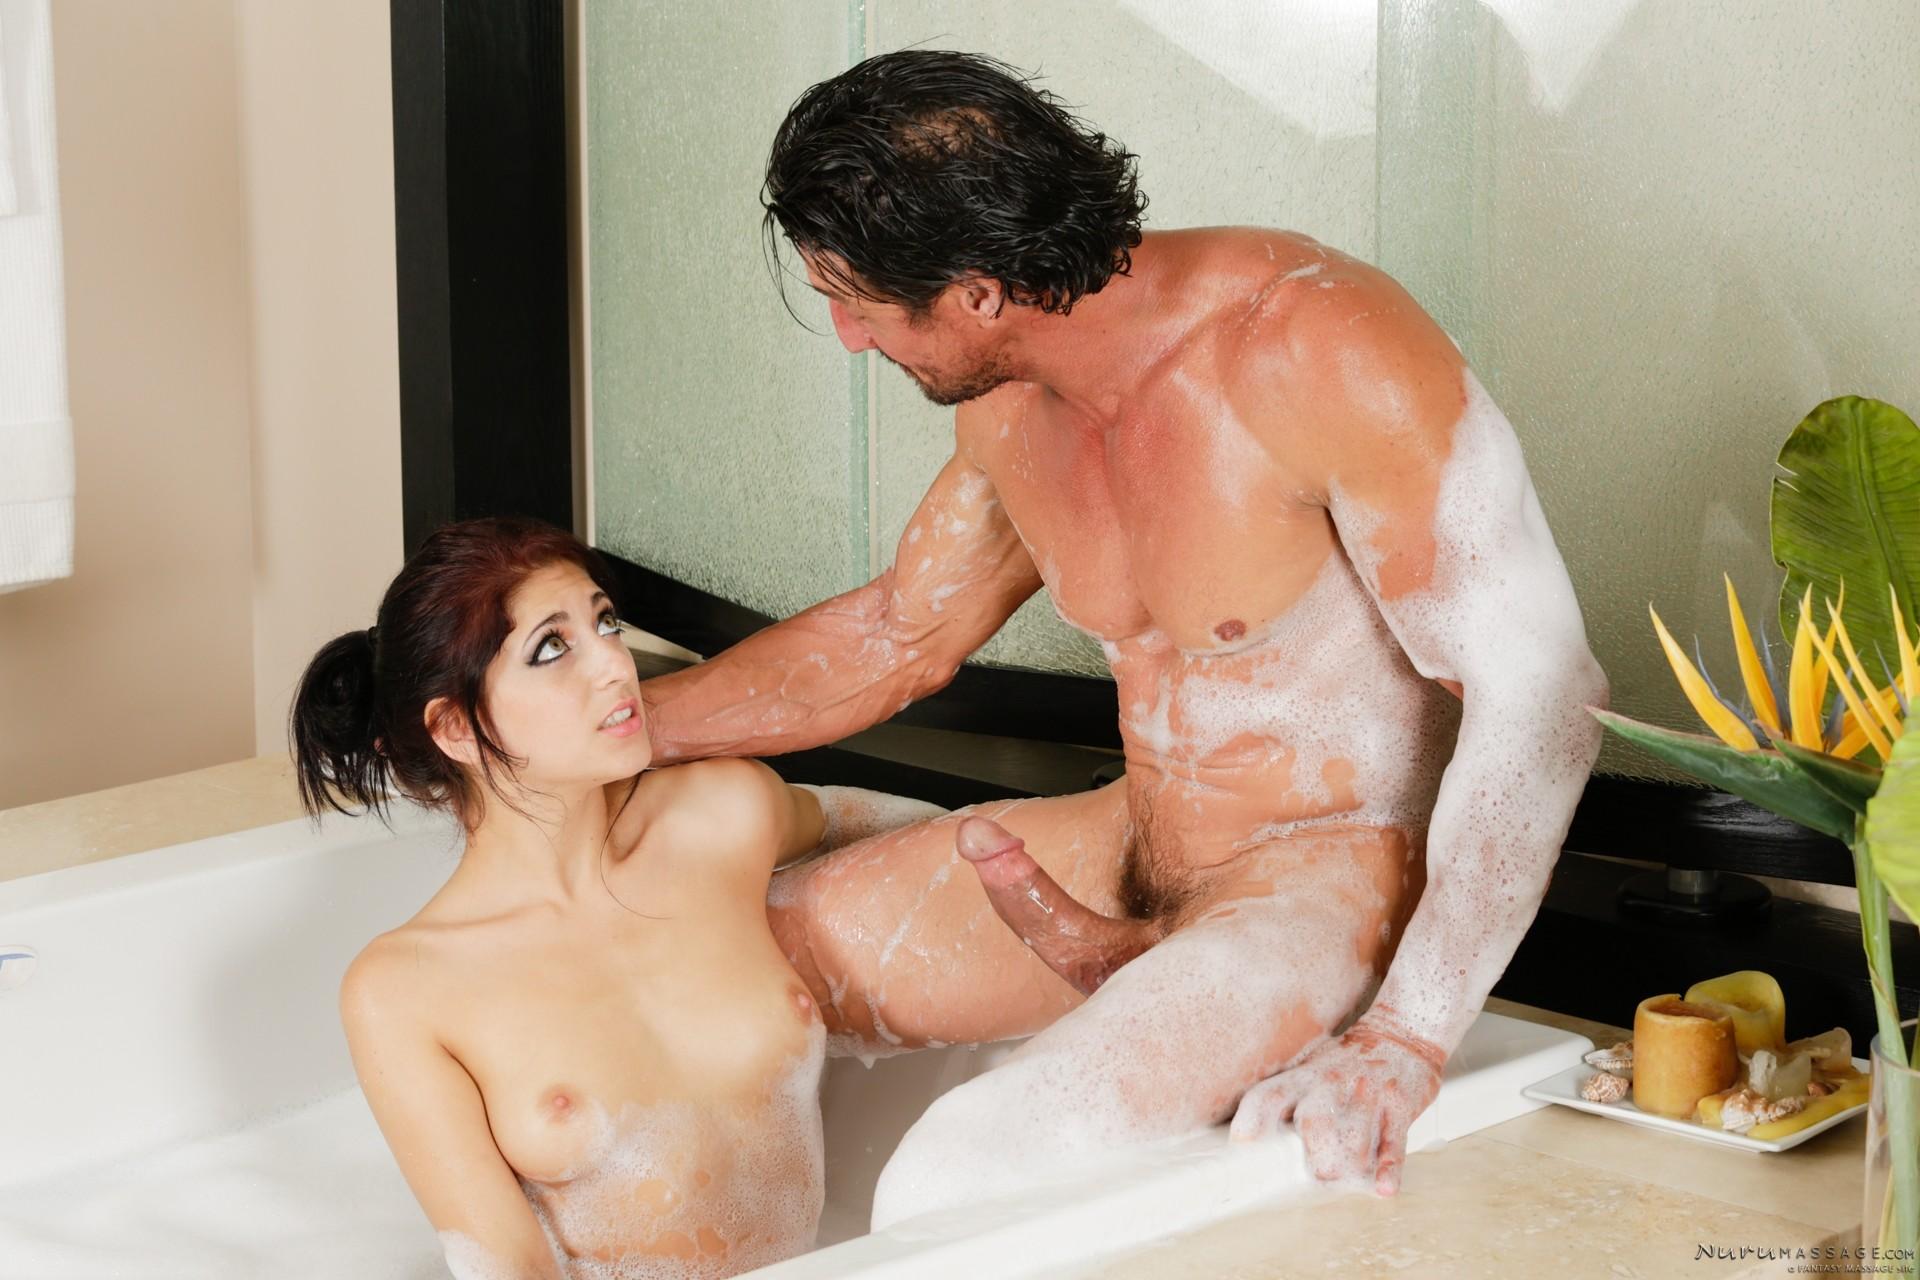 Bq pron sex porncraft scenes